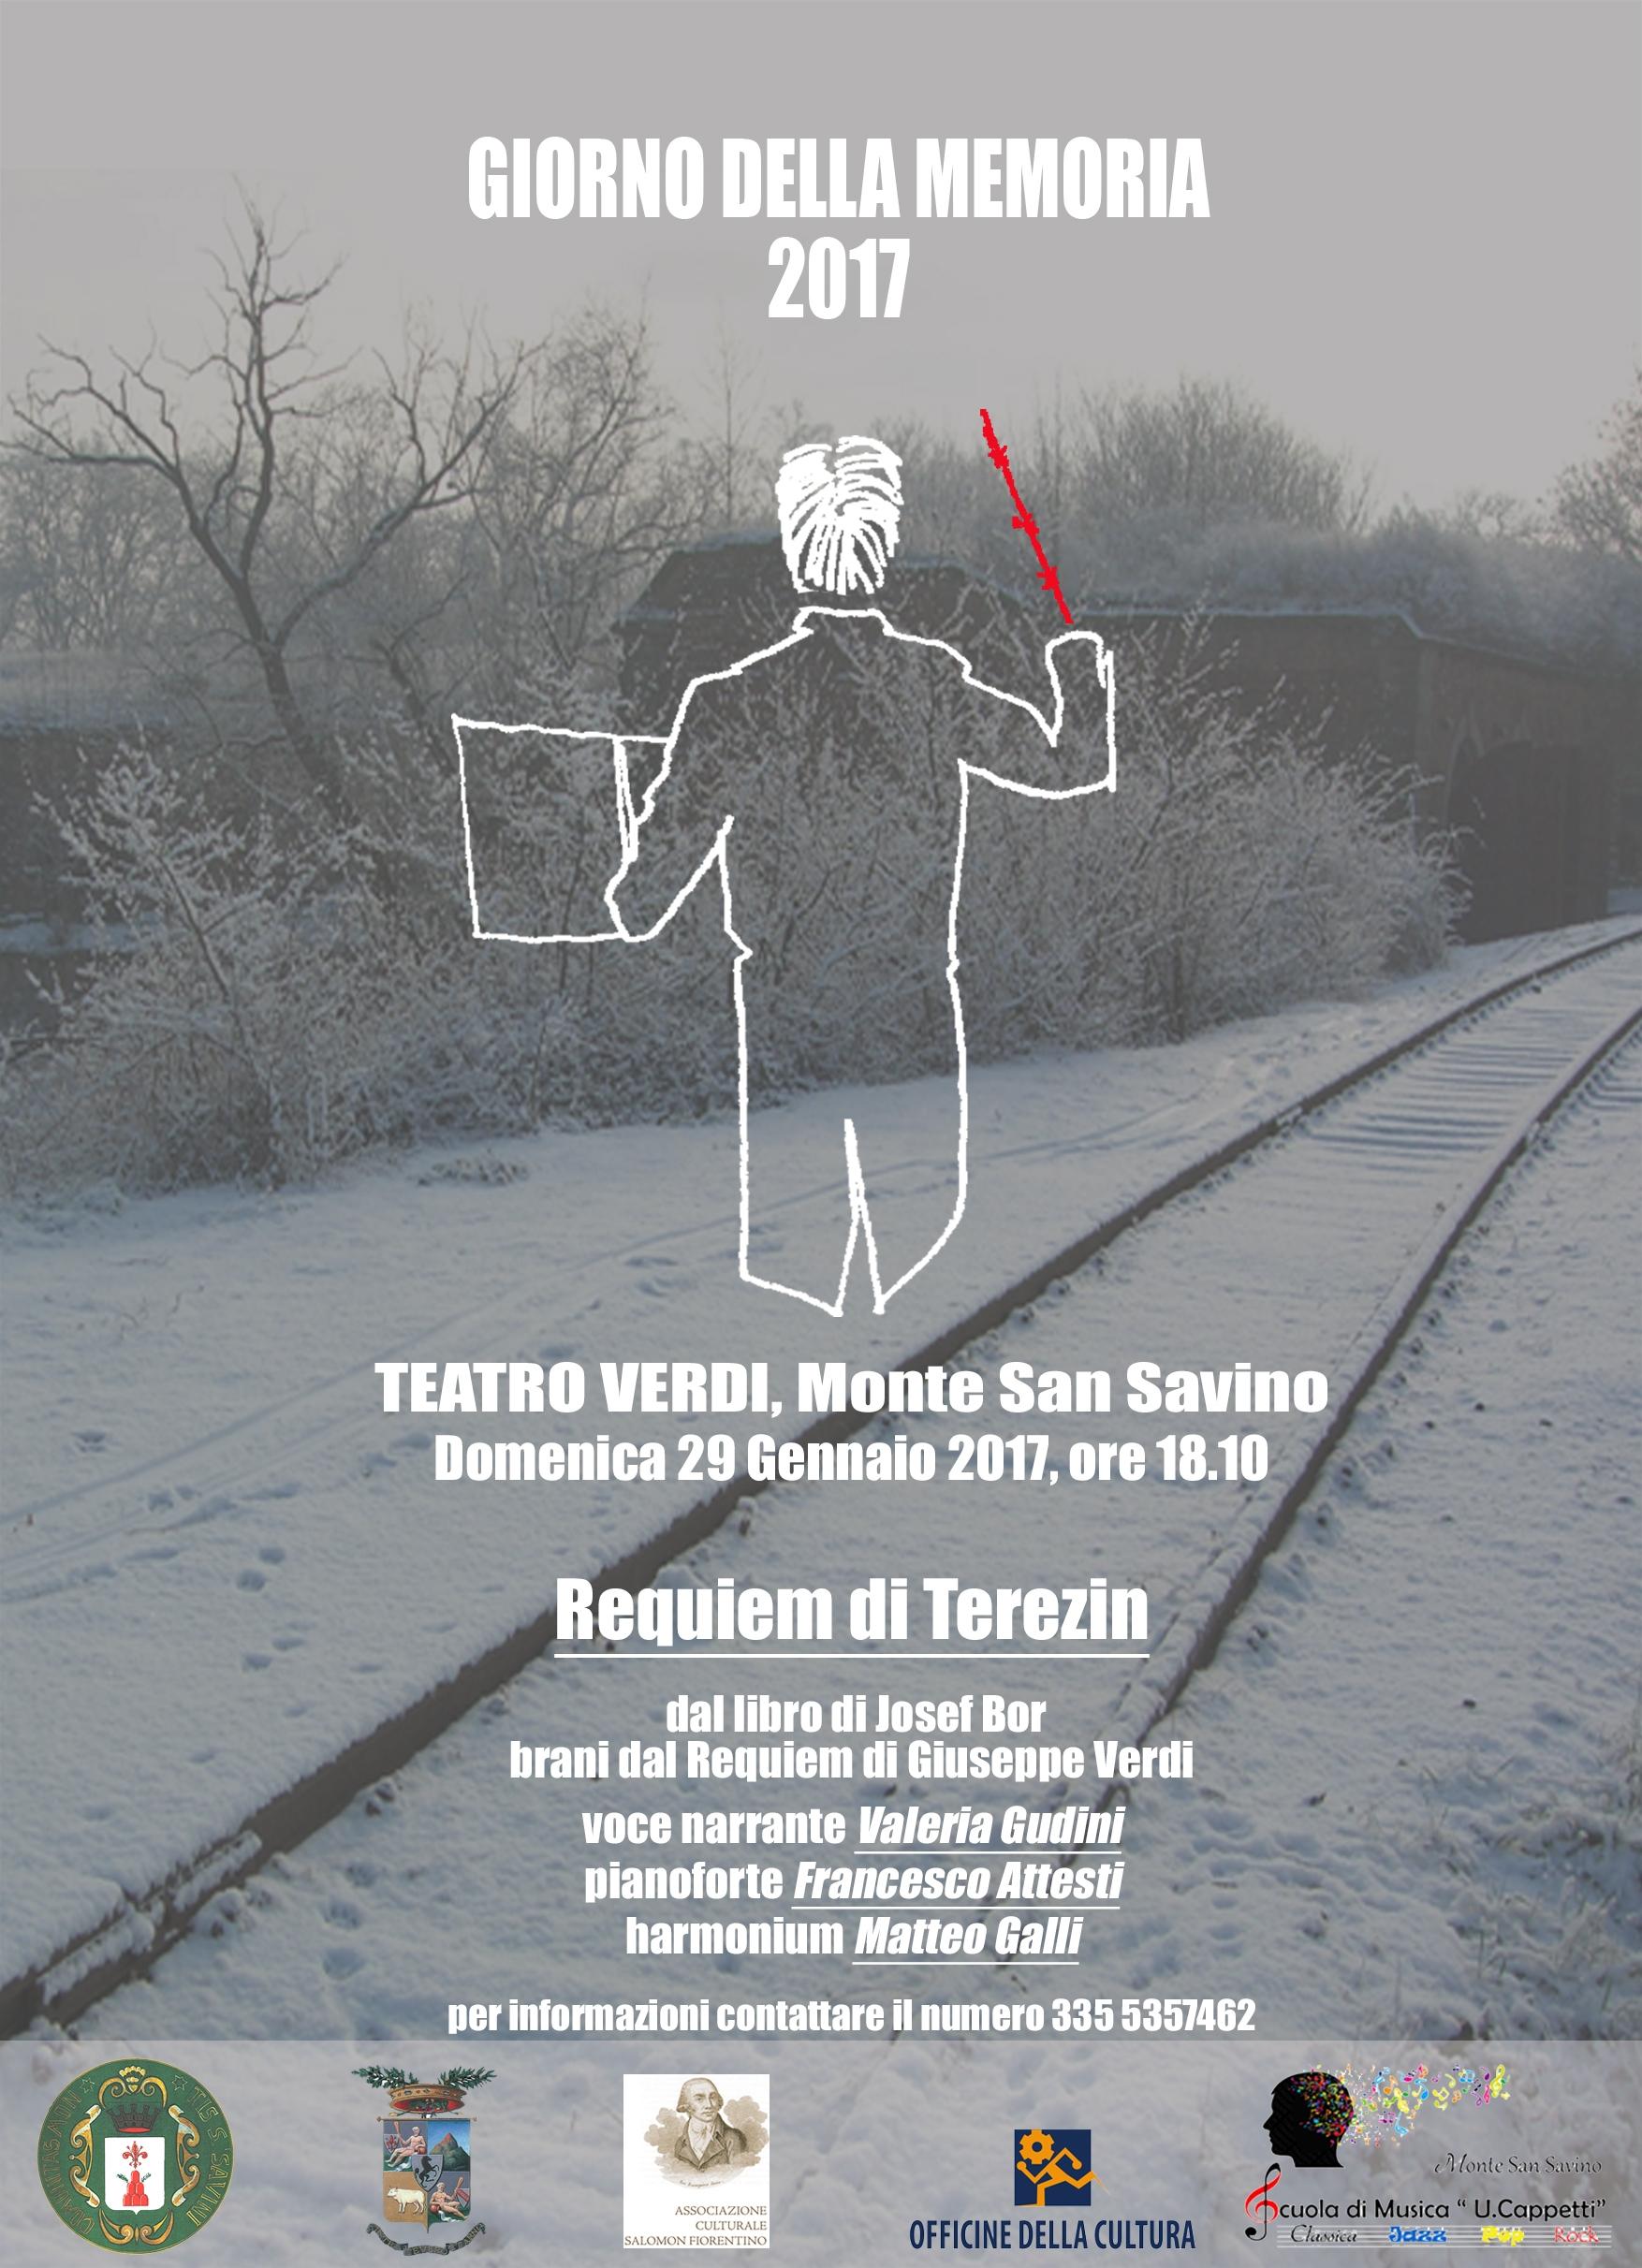 Monte San Savino per il Giorno della Memoria, iniziative con le scuole e un appuntamento al Teatro Verdi